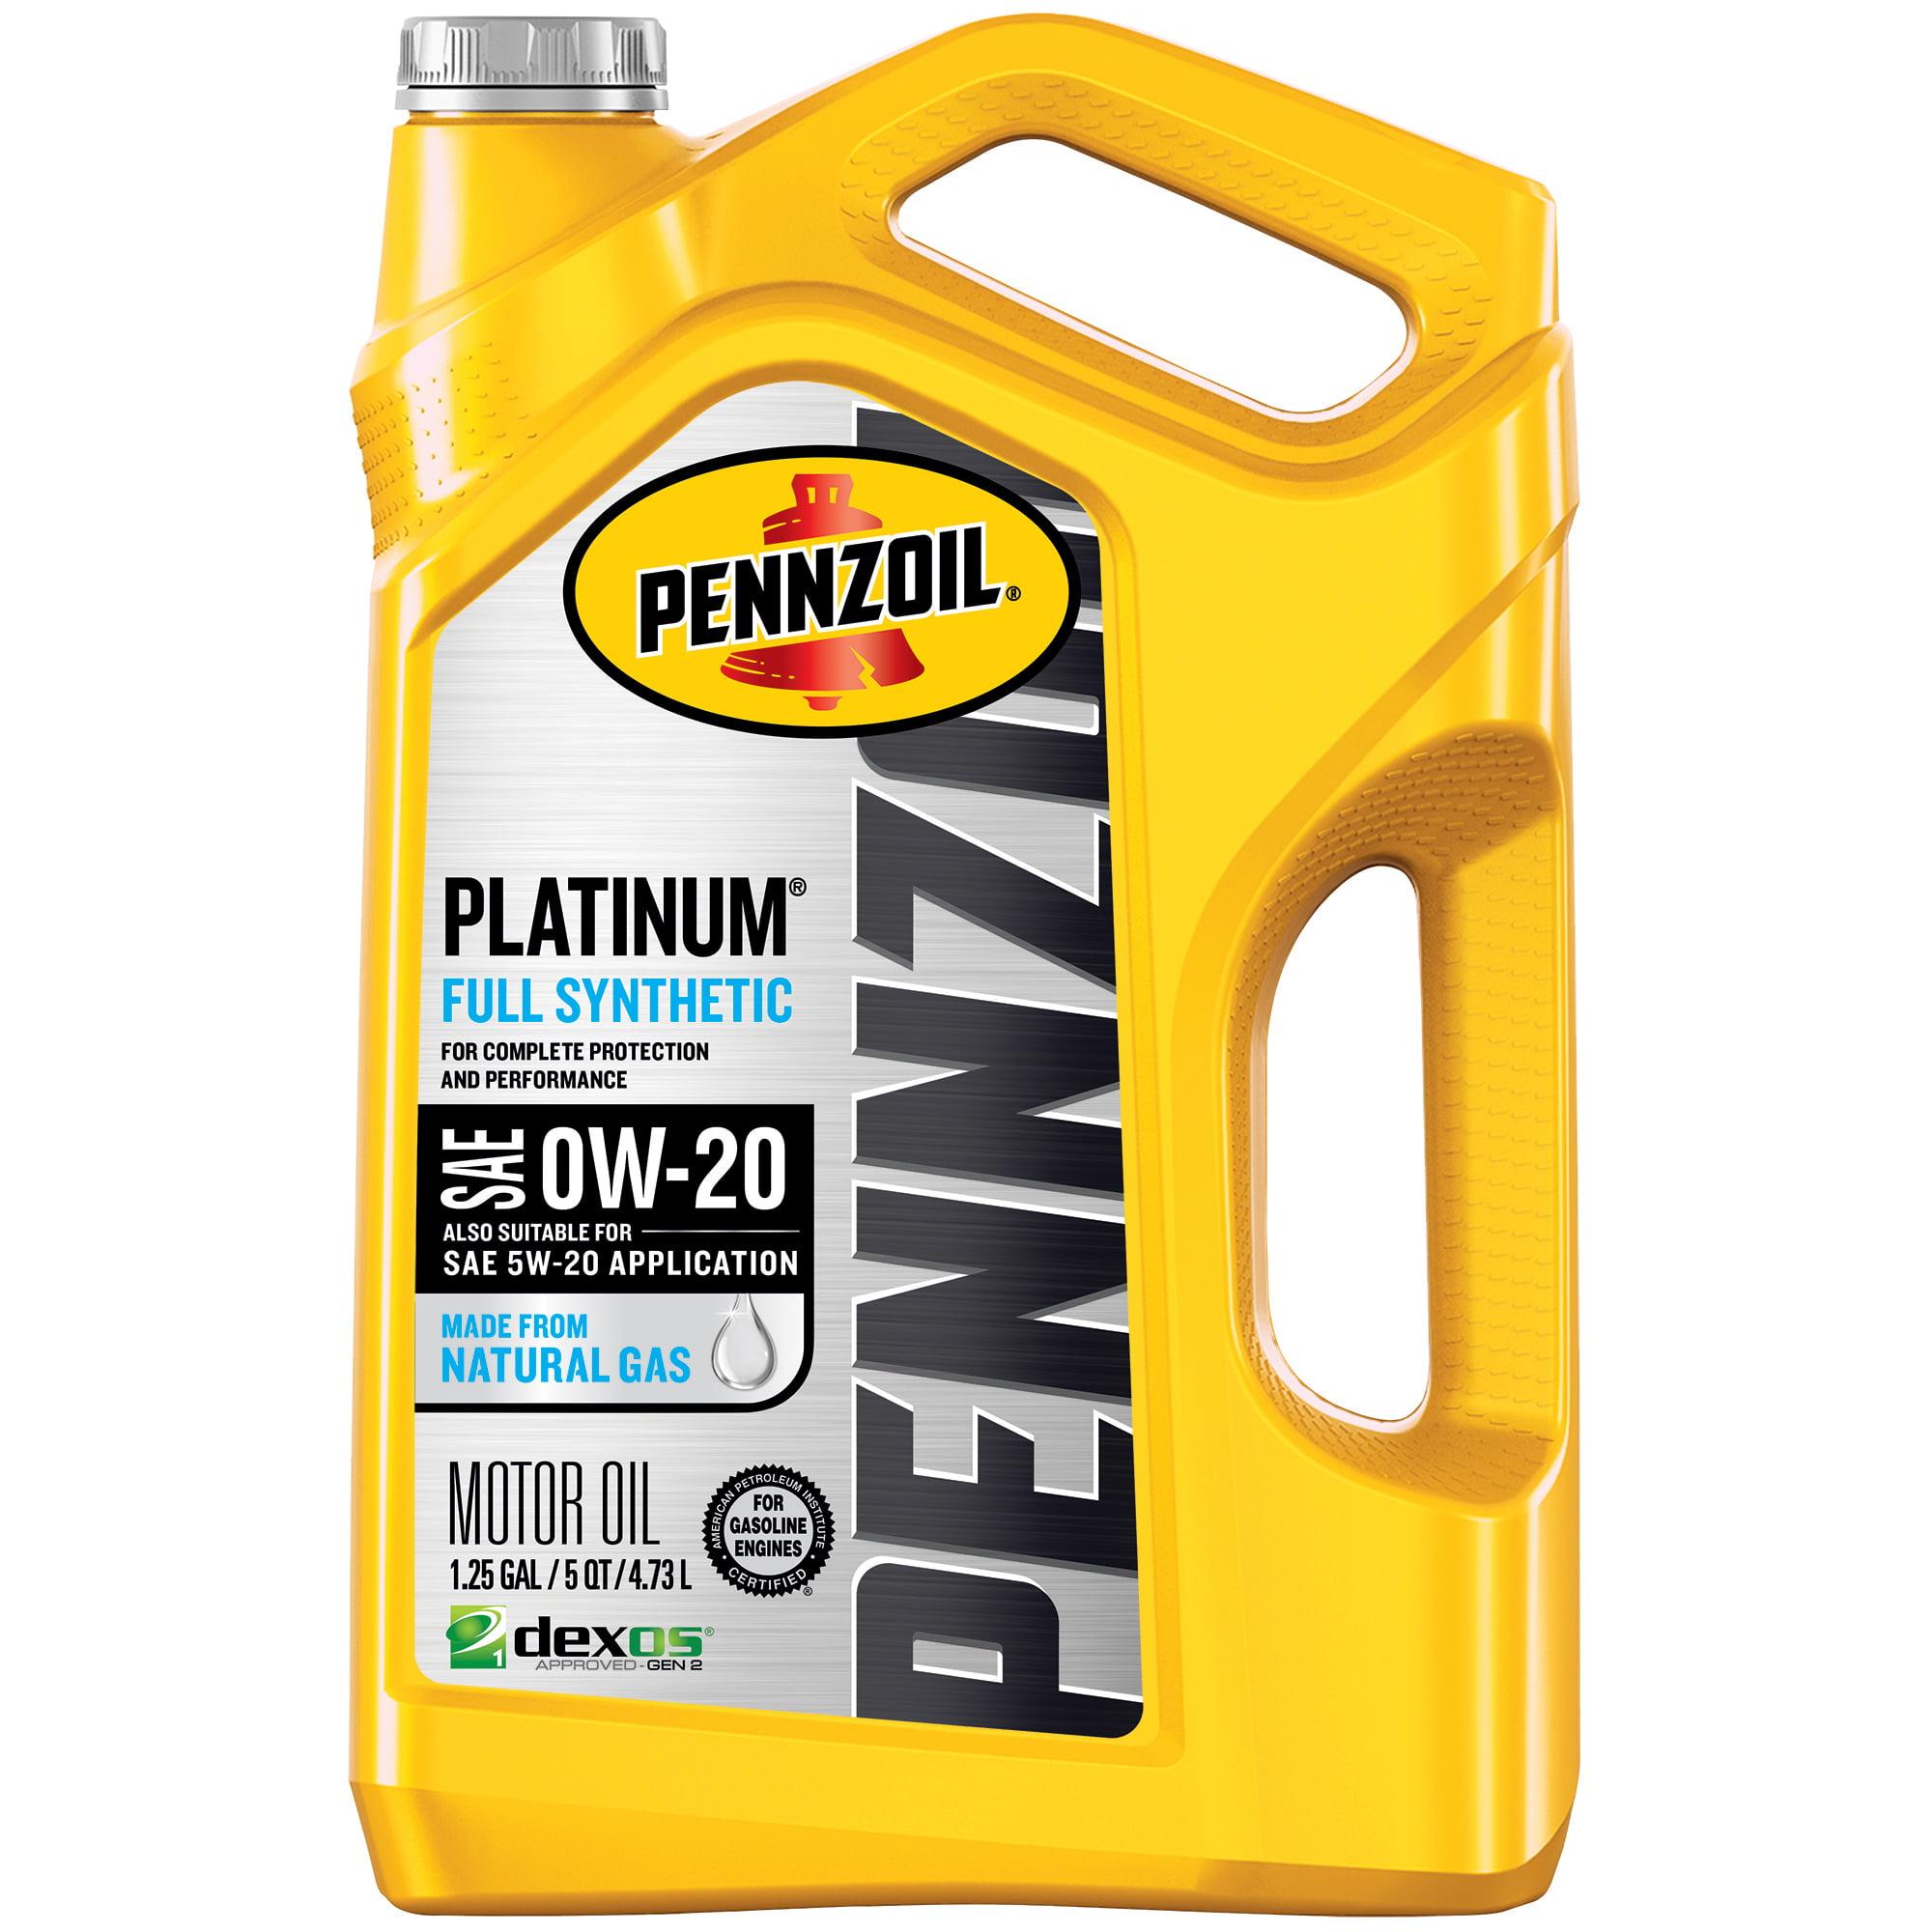 Pennzoil Platinum 0W-20 Full Synthetic Motor Oil, 5 Quart